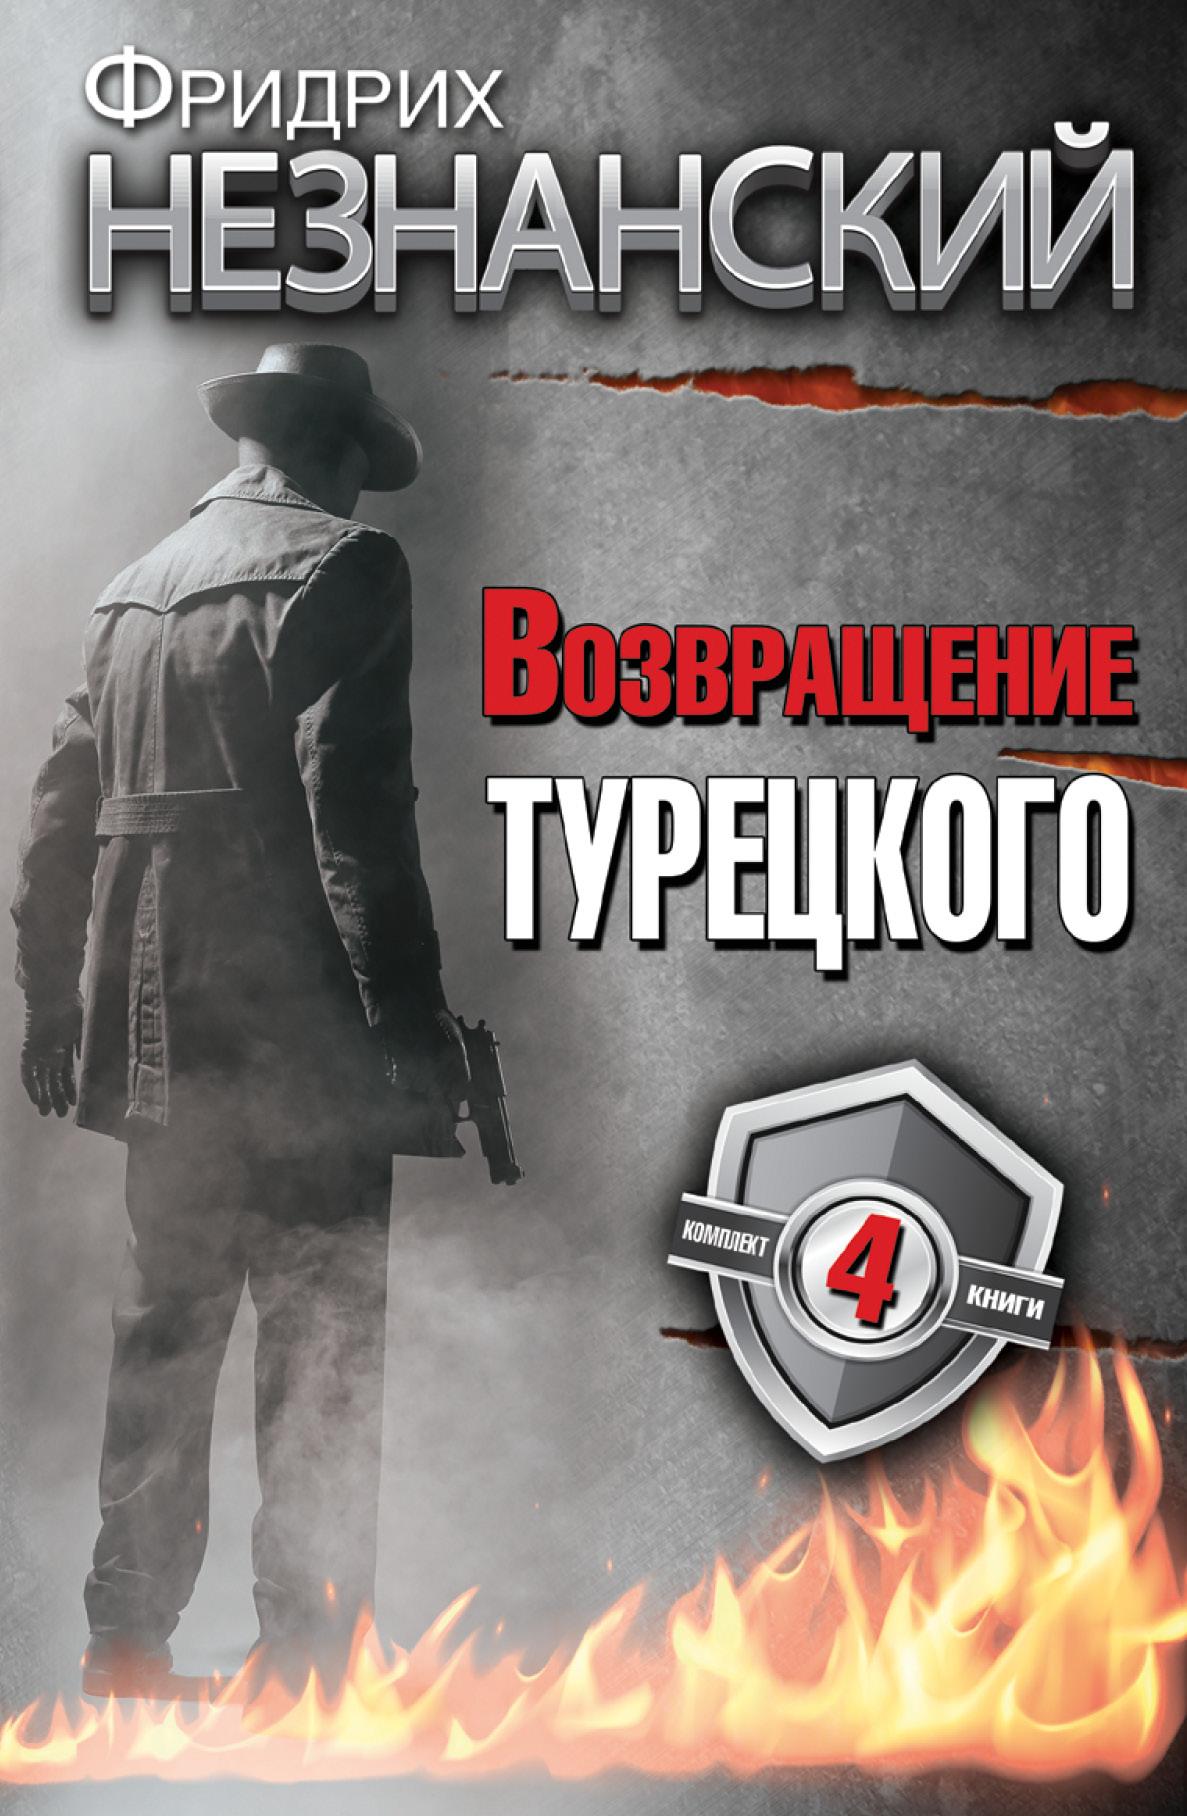 Незнанский Ф.Е. Фридрих Незнанский. Возвращение Турецкого фридрих незнанский провинциальный детектив